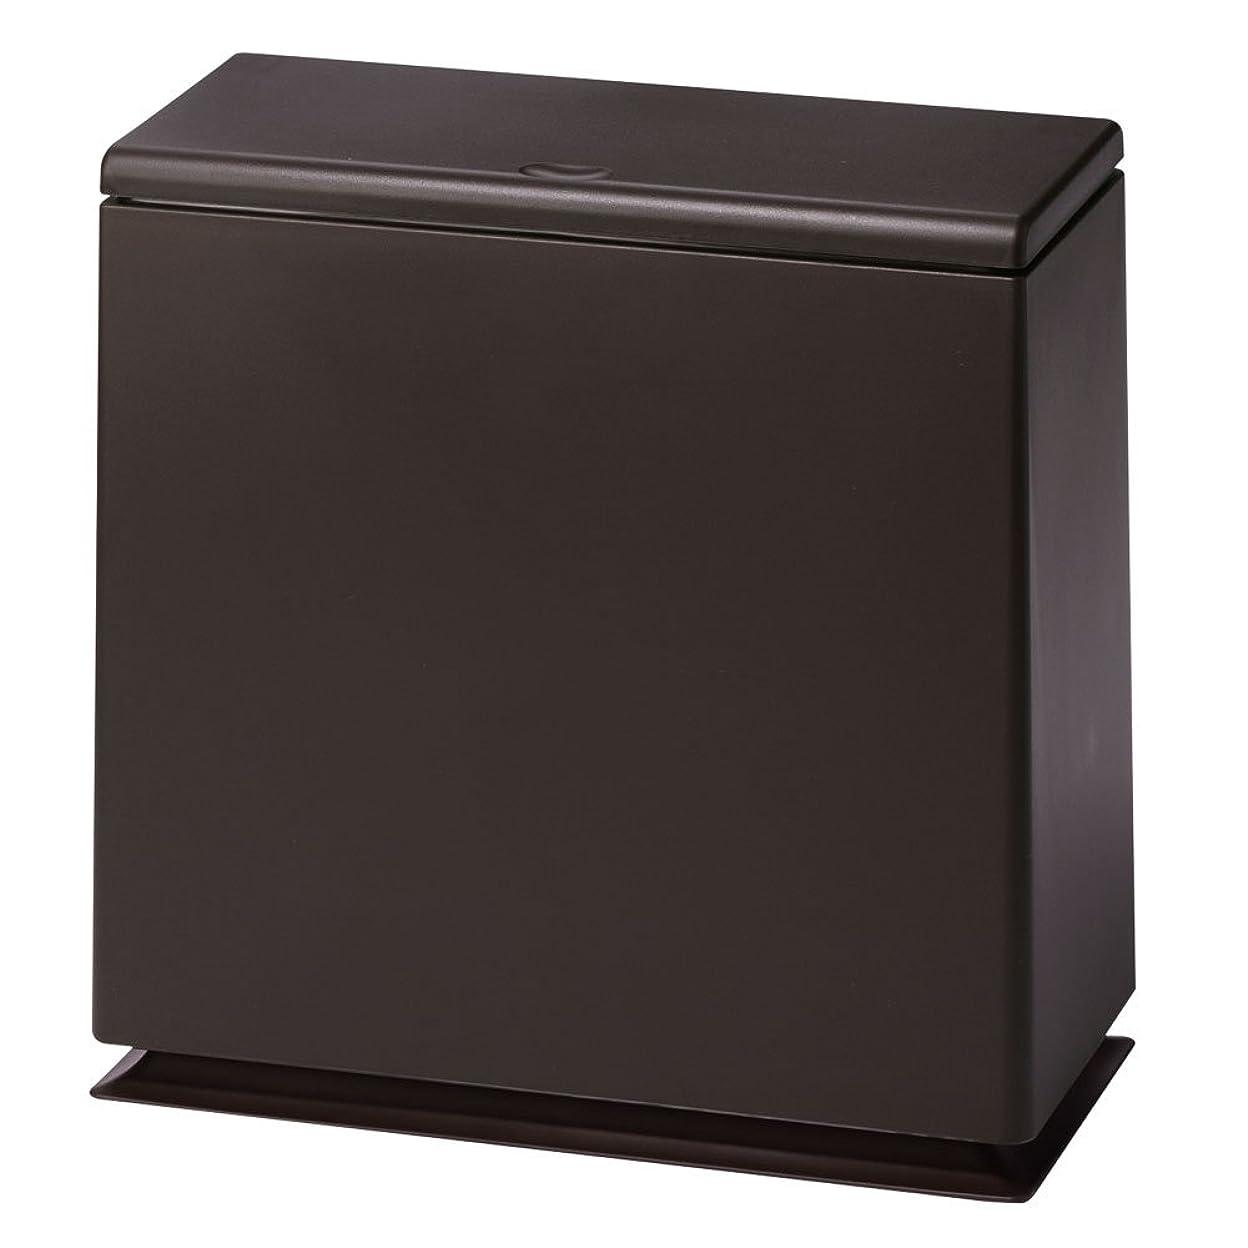 不毛自慢海里ぼん家具 ゴミ箱 袋が見えない ふた付 8.5L スリムタイプ ダストボックス おしゃれ ブラウン